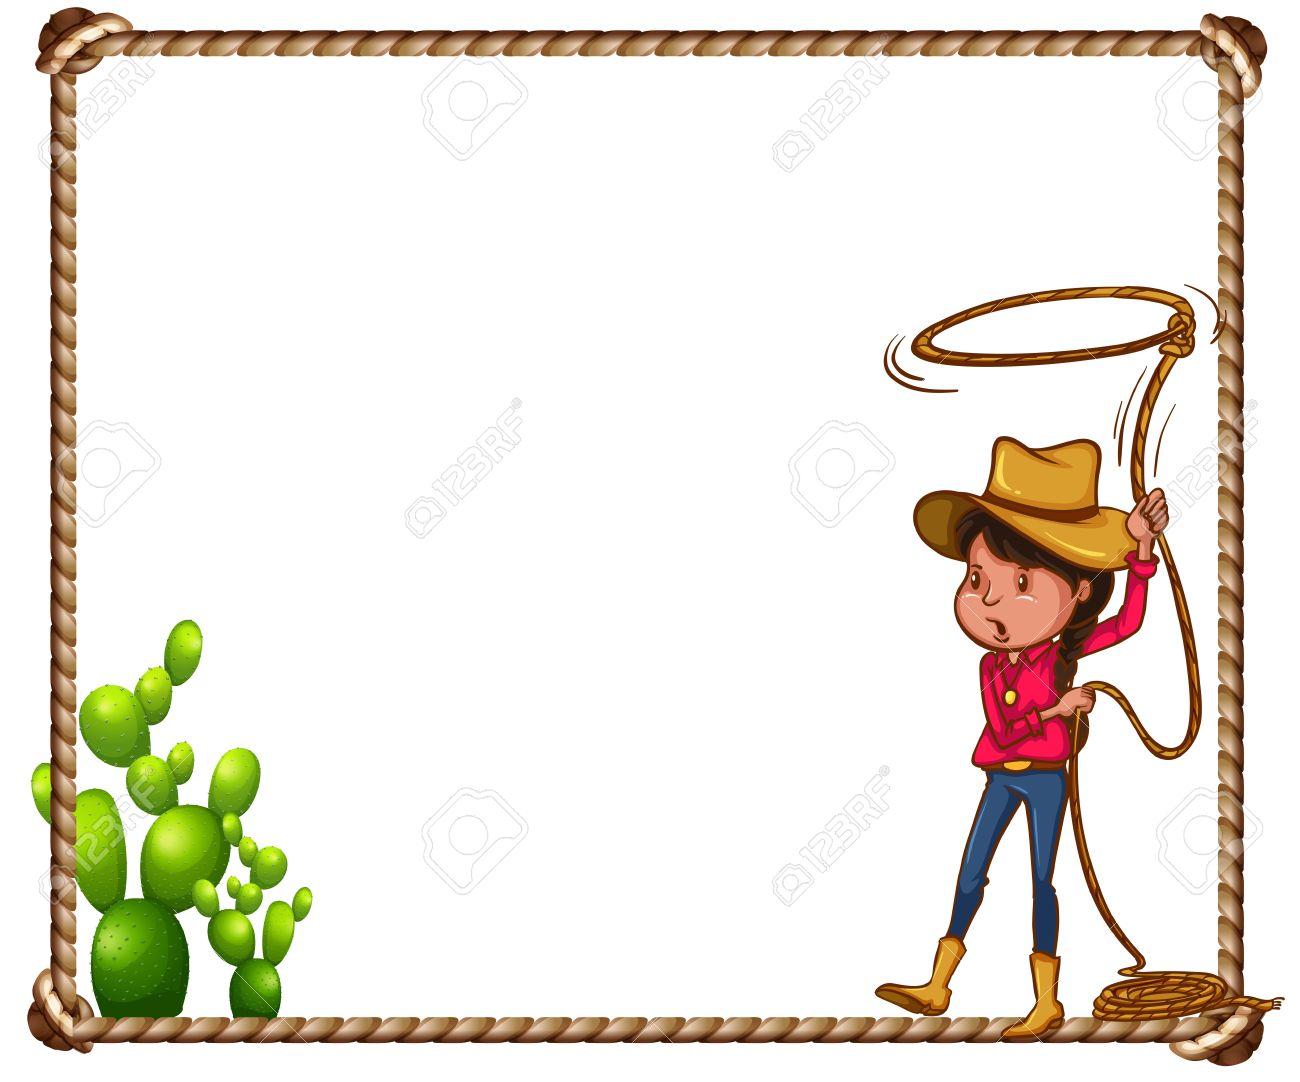 402 Cowboy Border Stock Vector Illustration And Royalty Free Cowboy